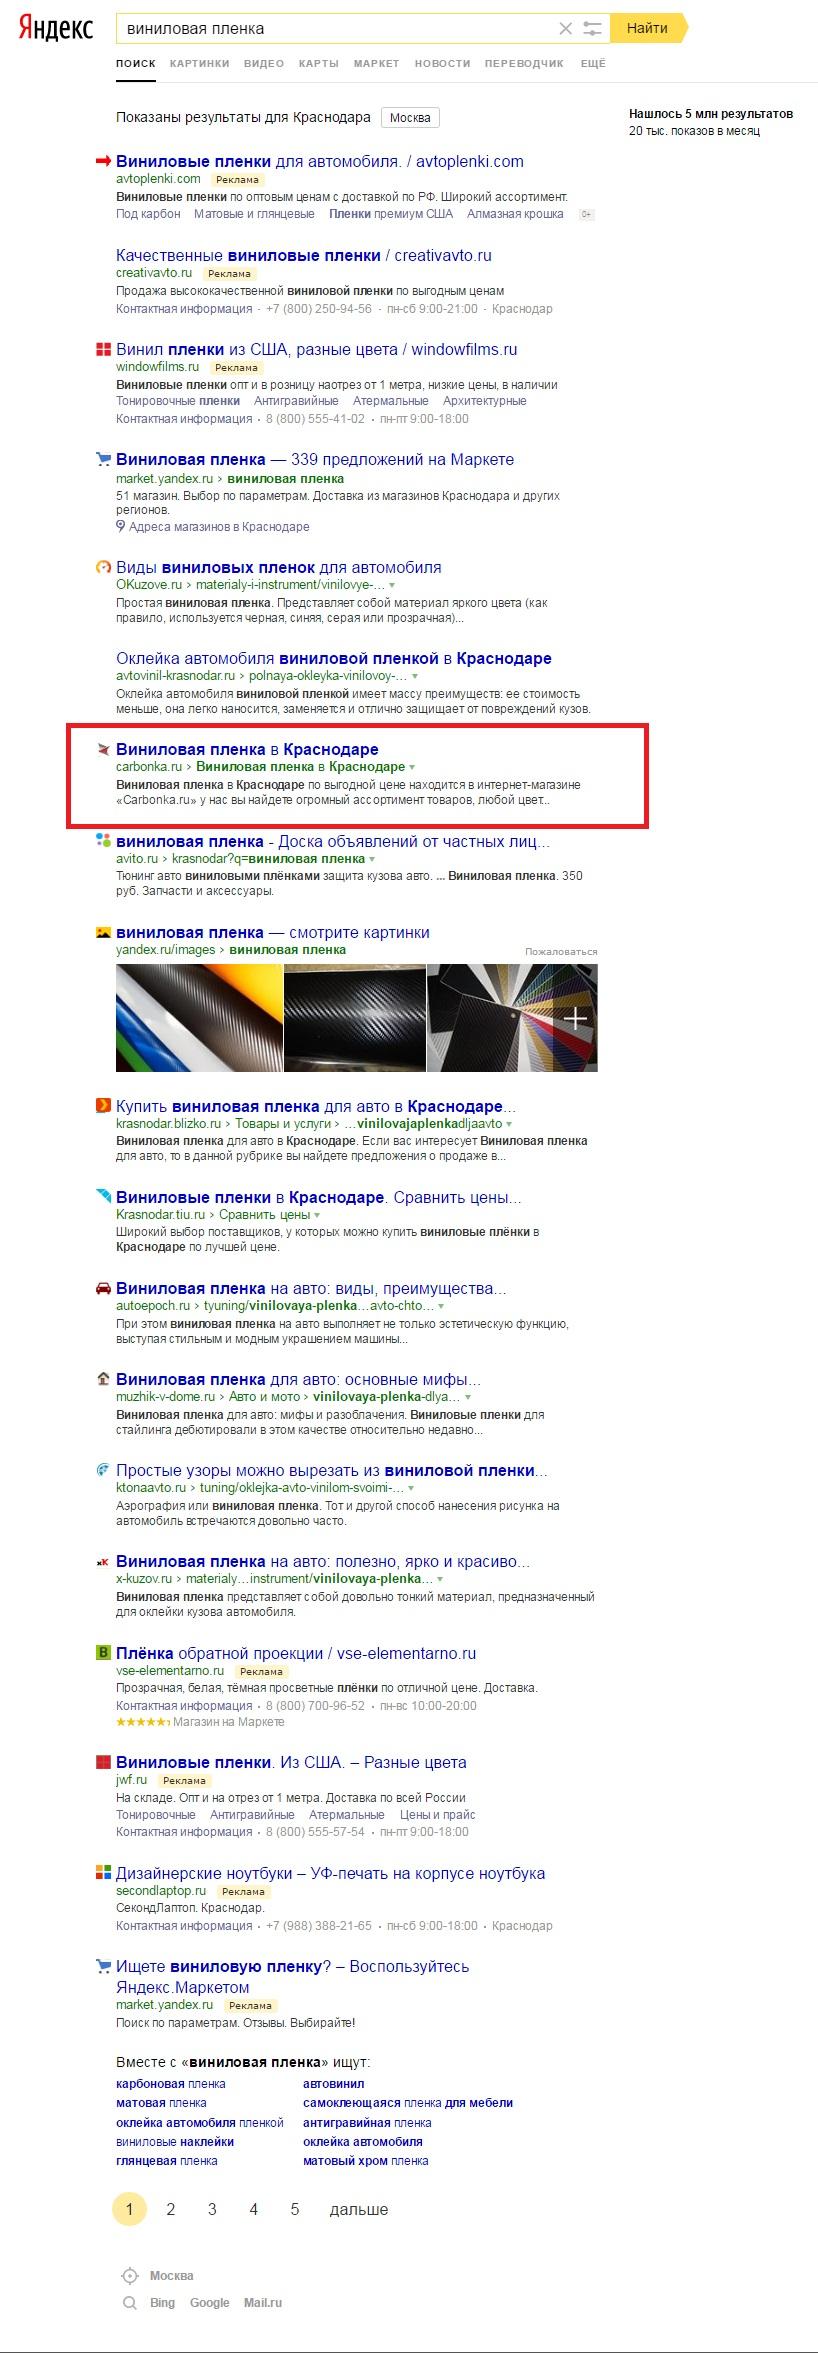 Интернет-магазин автовинила Carbonka.ru